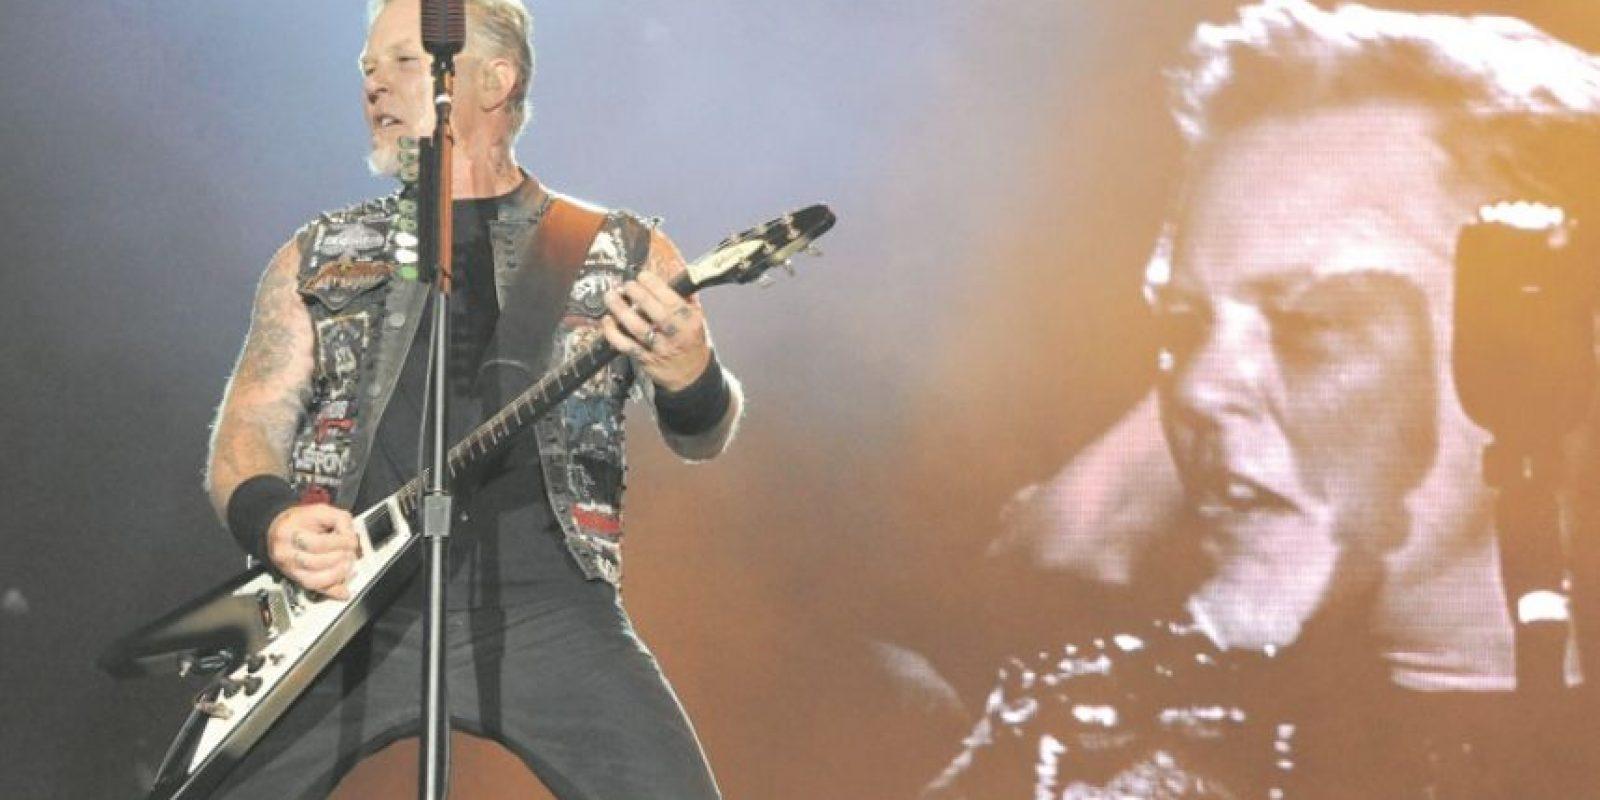 """2- Metallica. El que viene podría ser el año que cierre la larga sequía discográfica de Metallica. Han pasado ya siete años desde """"Death Magnetic"""" (2008), del que el guitarrista Kirk Hammet ha dicho insistentemente que era """"un buen punto de partida"""" para su próximo álbum, que """"probablemente llegará a finales de 2016, como muy tarde a principios de 2017″. Foto:Archivo"""